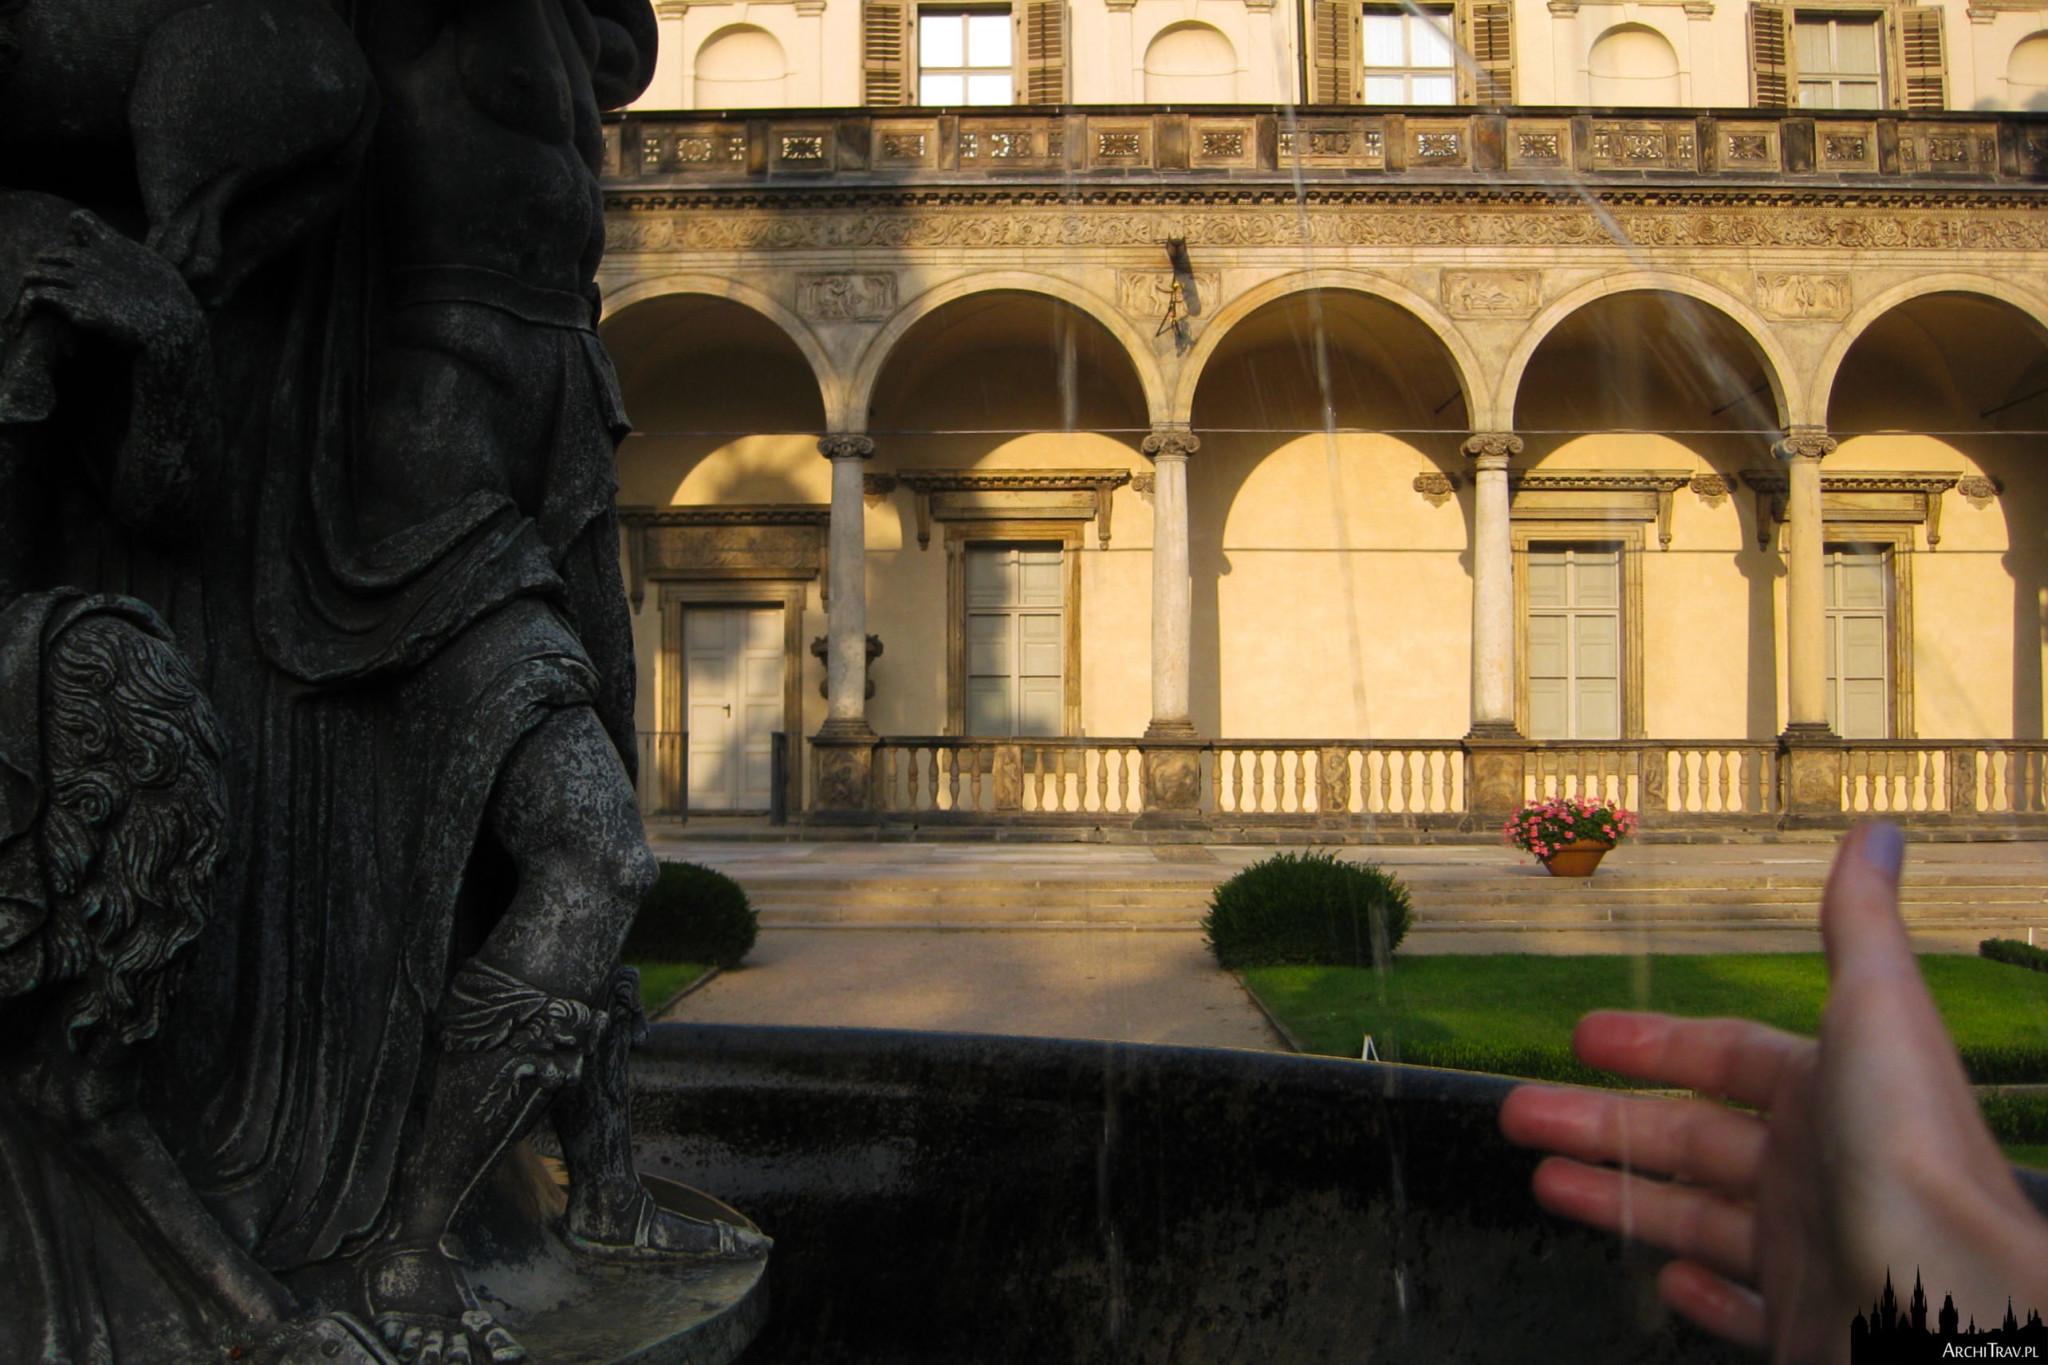 zbliżenie na detal fontanny, po prawej strumyki wody i wystawiona do nich ręka, perspektywę zamyka część budynku Belwederu